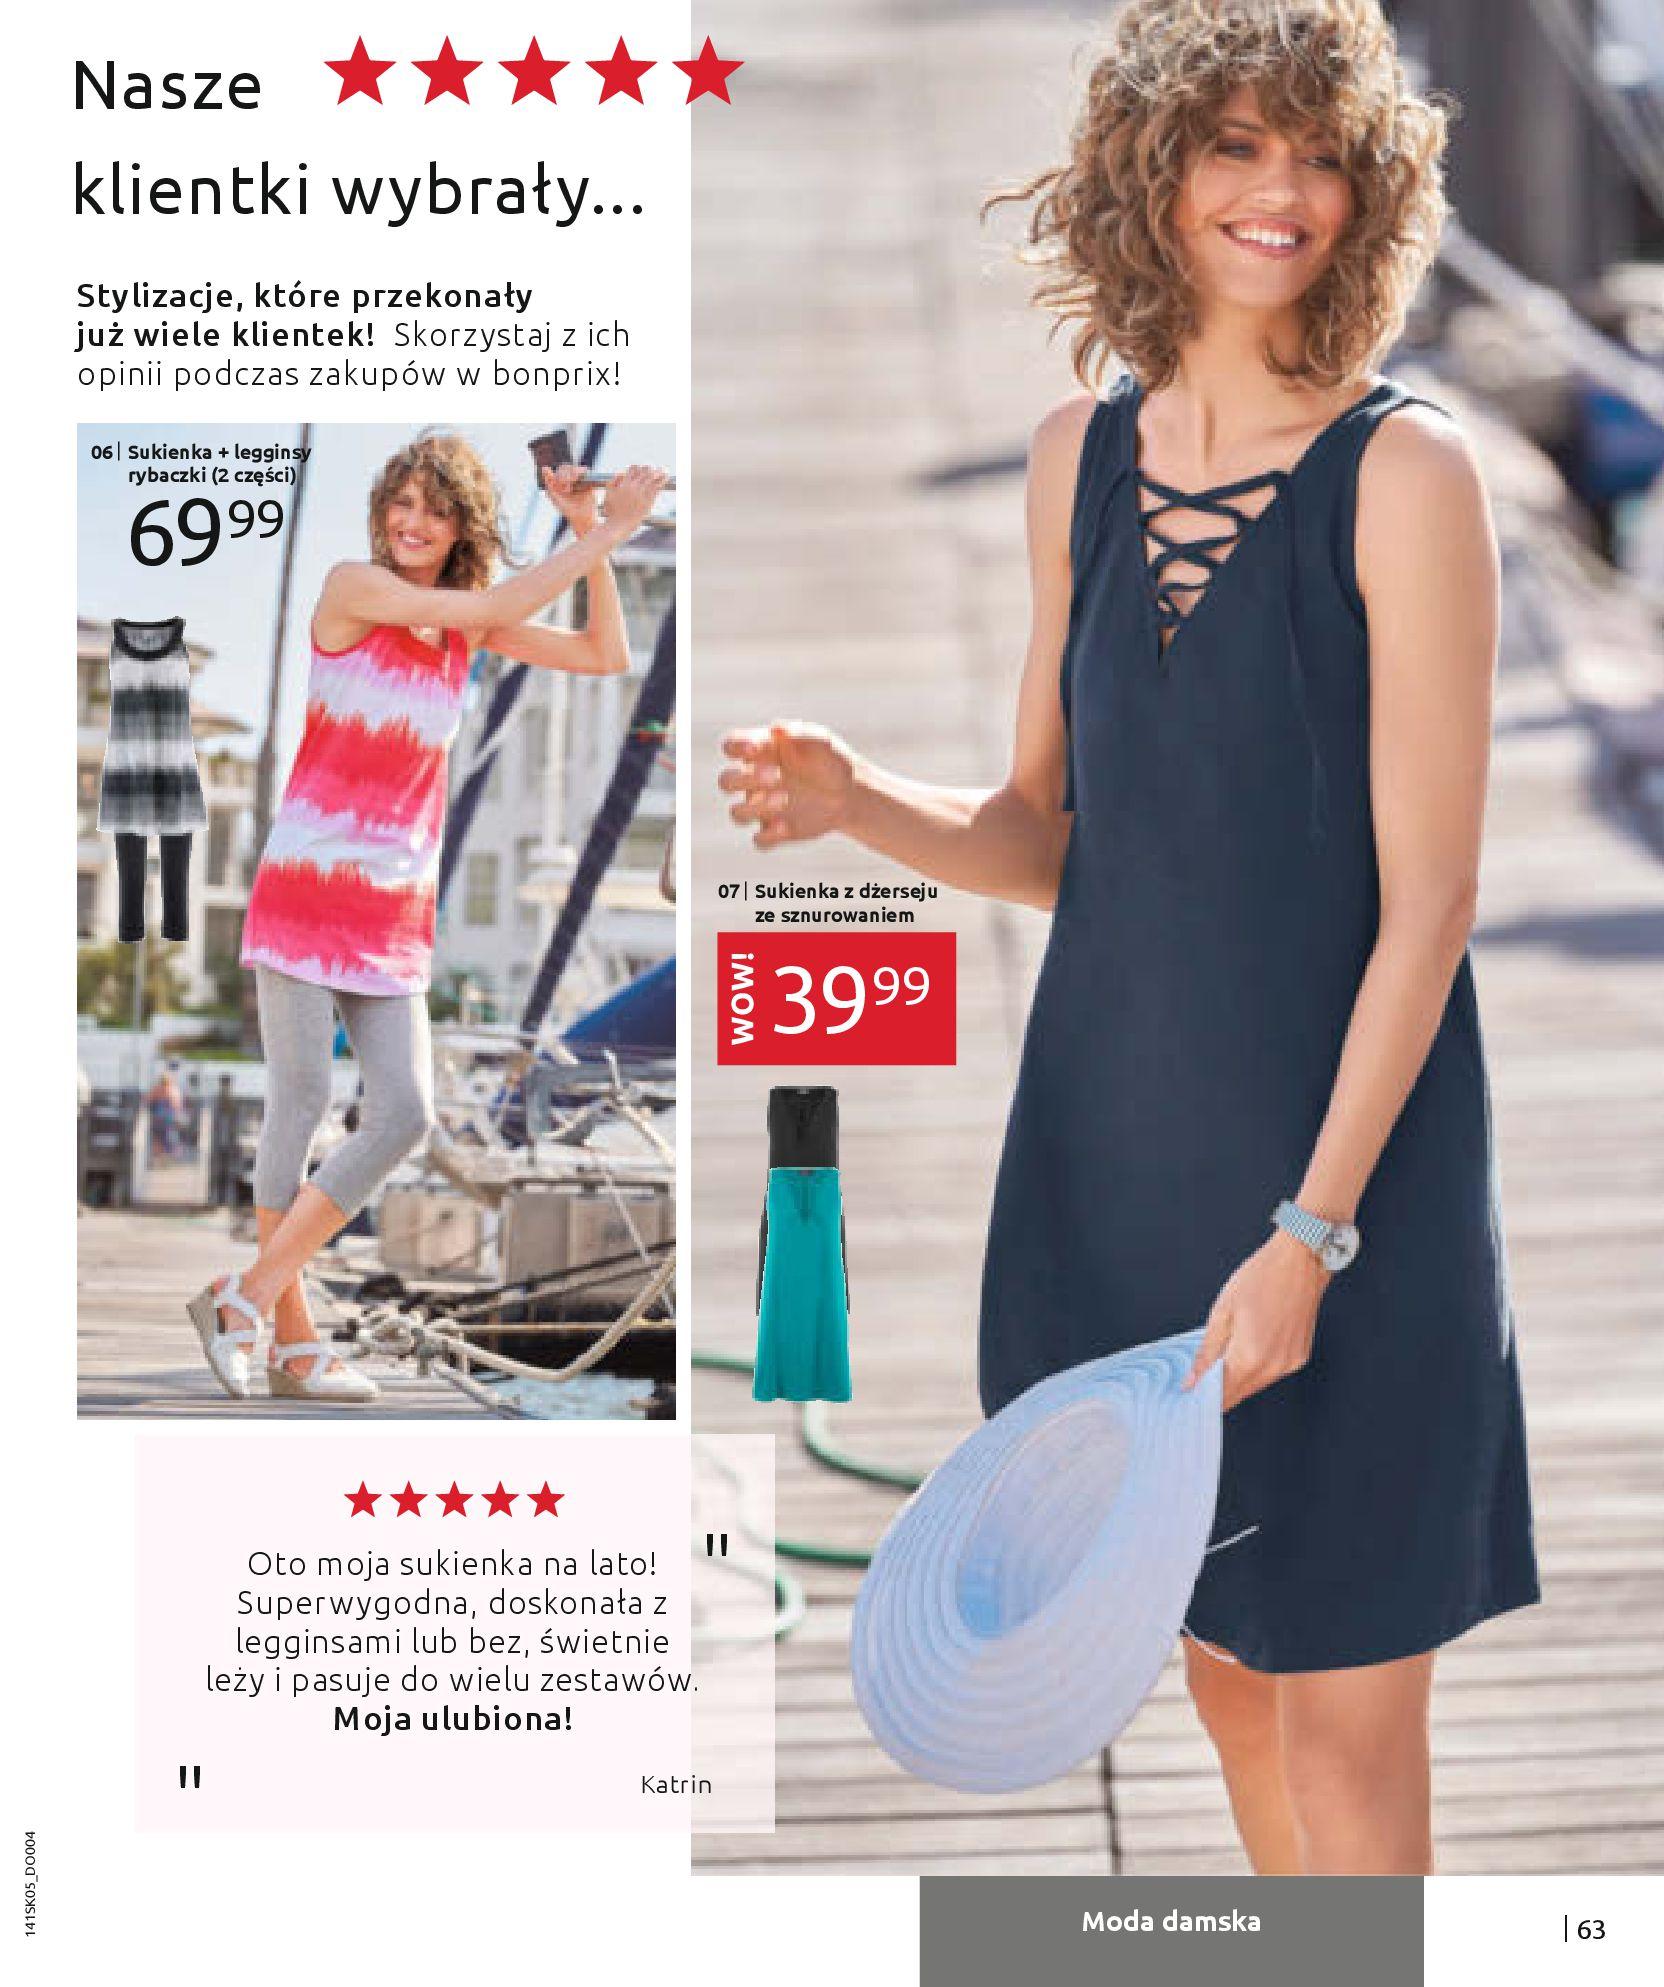 Gazetka Bonprix - Zachwycający look-25.08.2020-18.11.2020-page-65